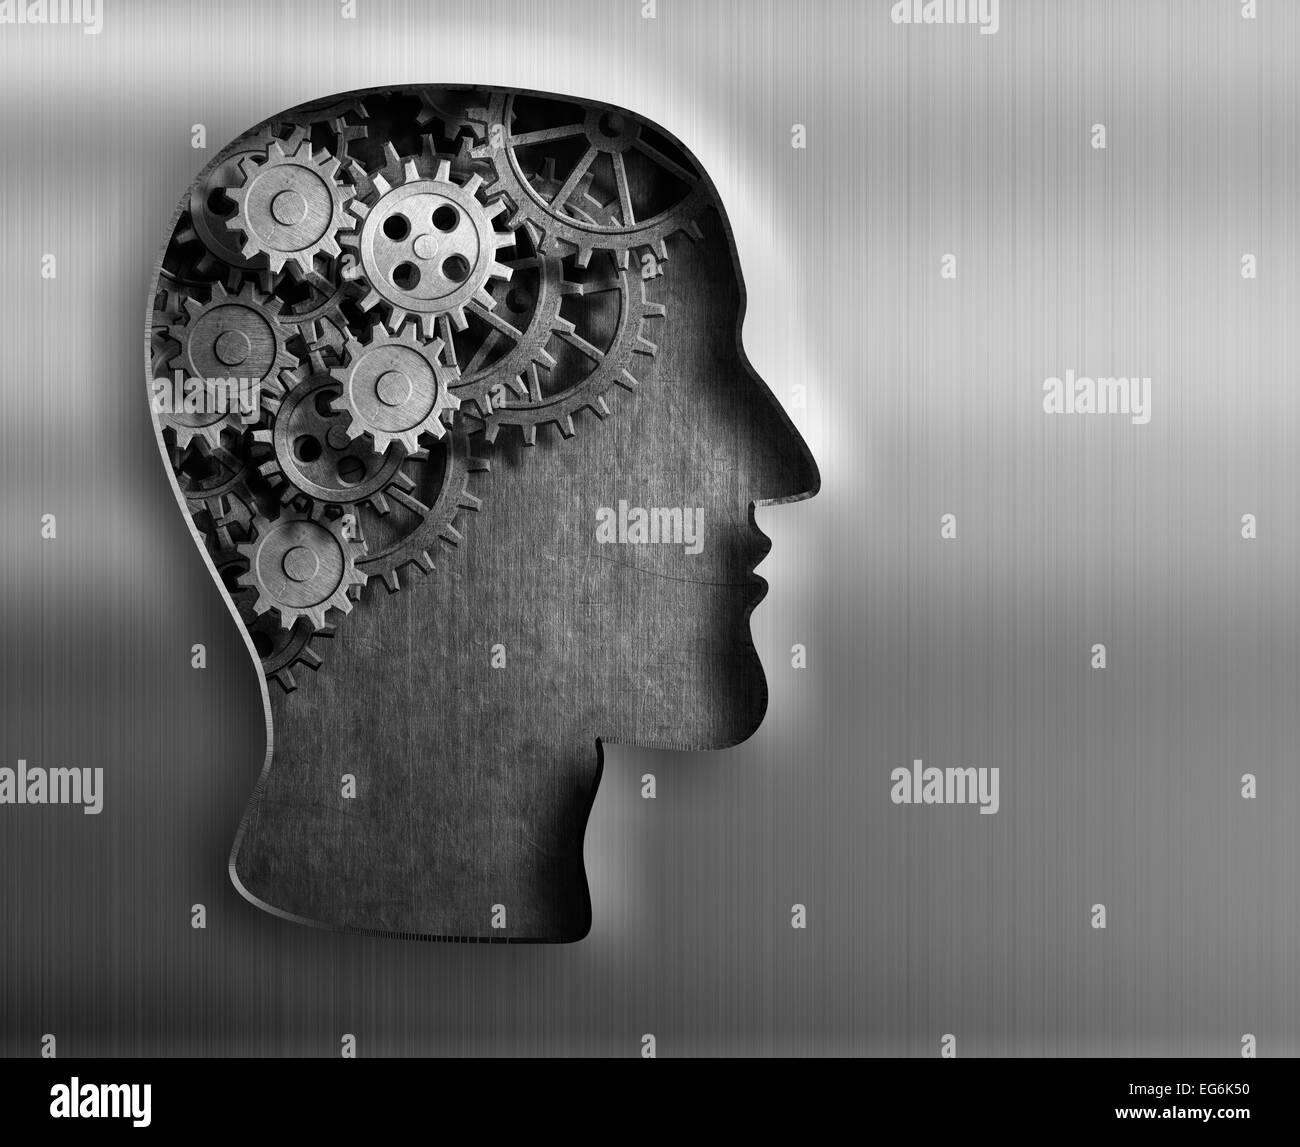 Modelo de cerebro de piñones y engranajes de placa de metal. Imagen De Stock